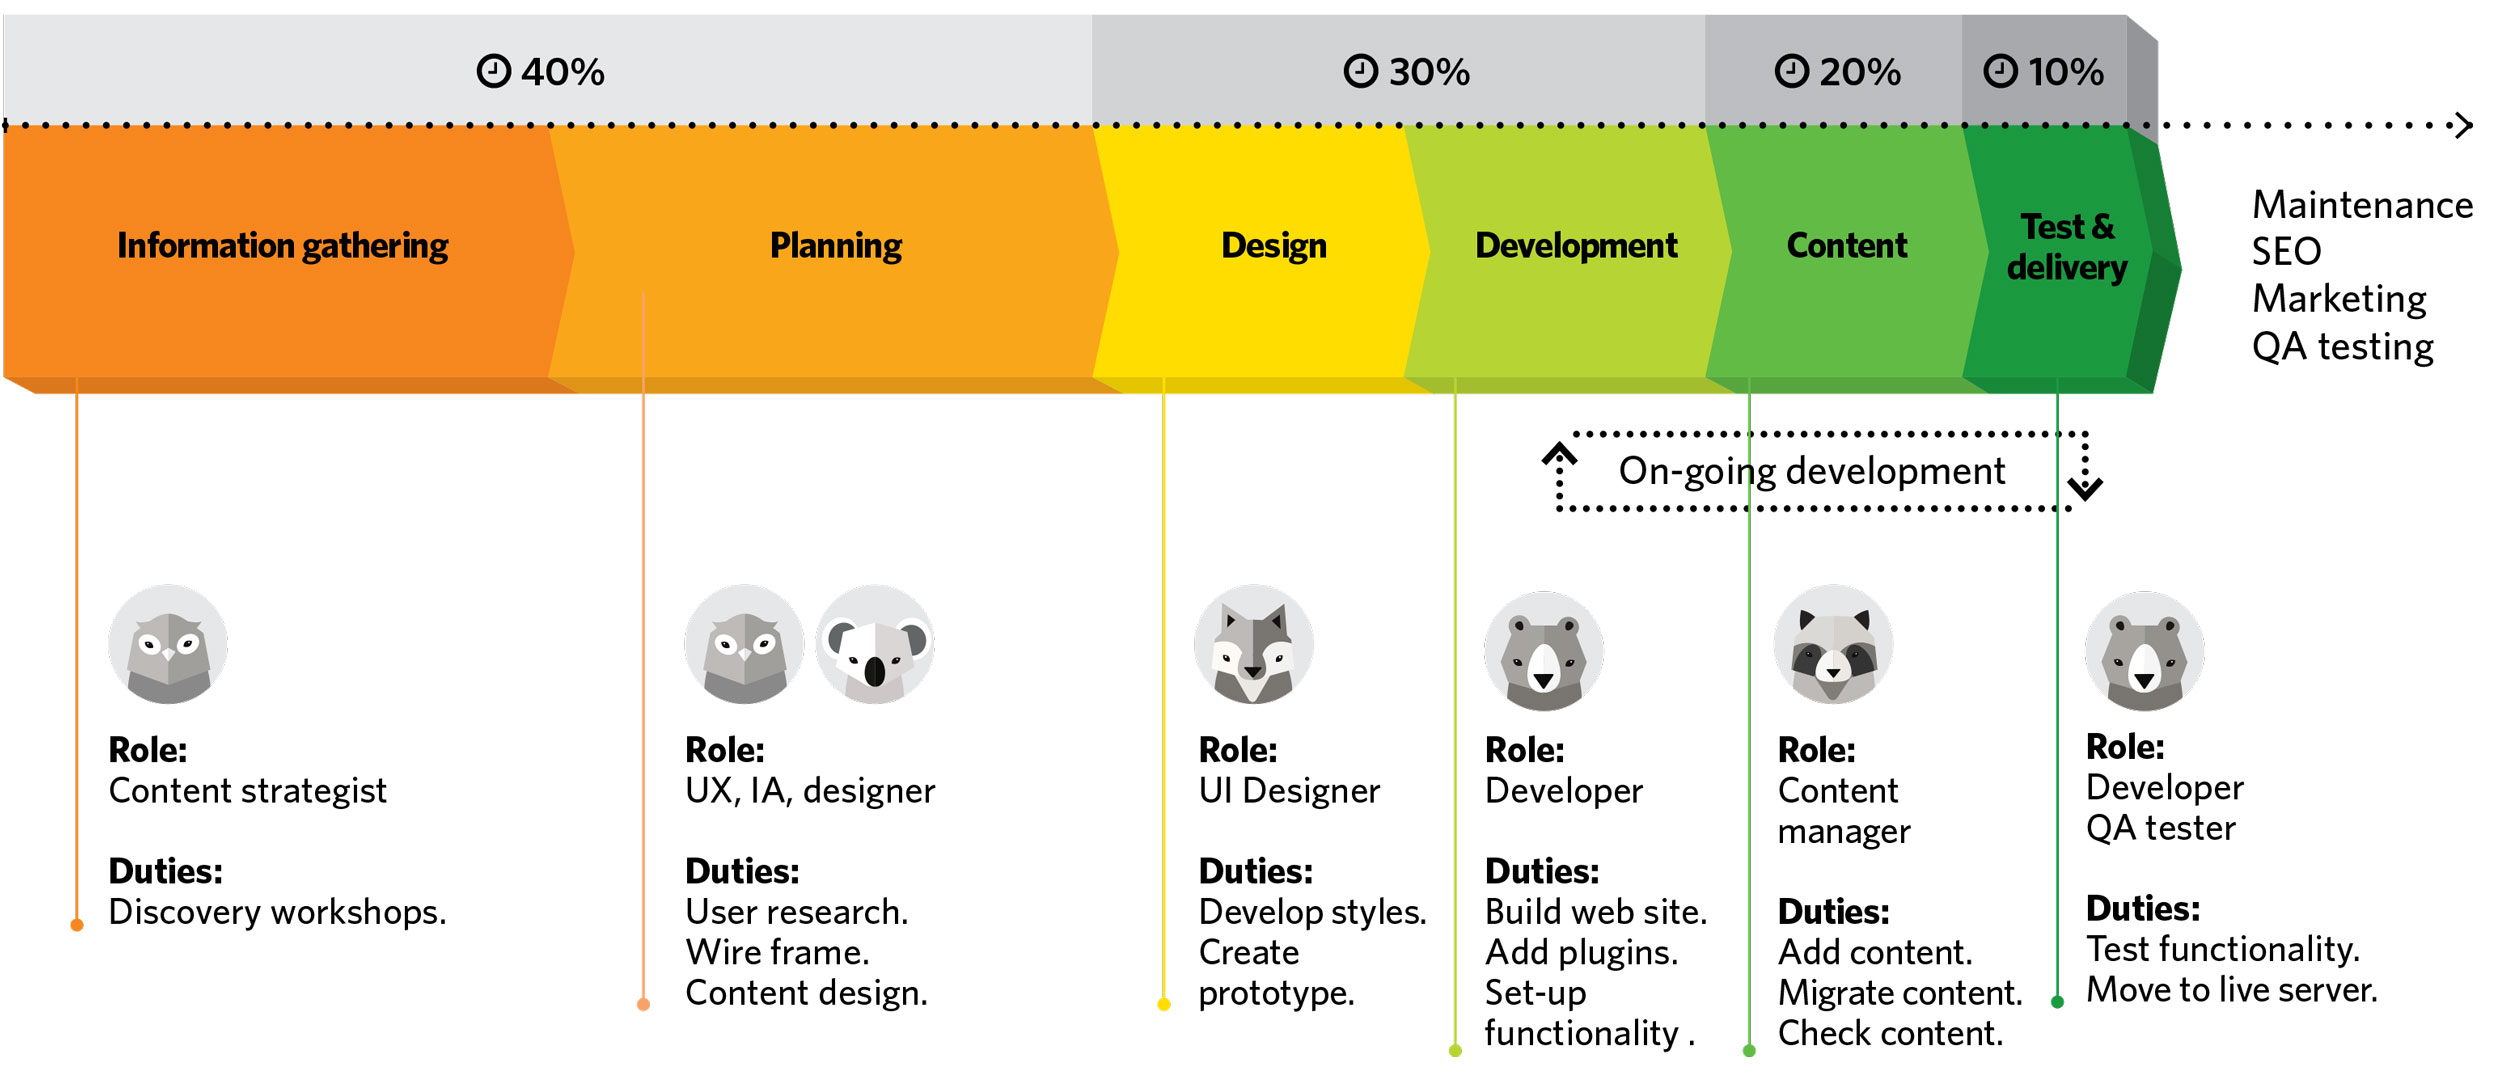 WEB-process-roles-v2.jpg